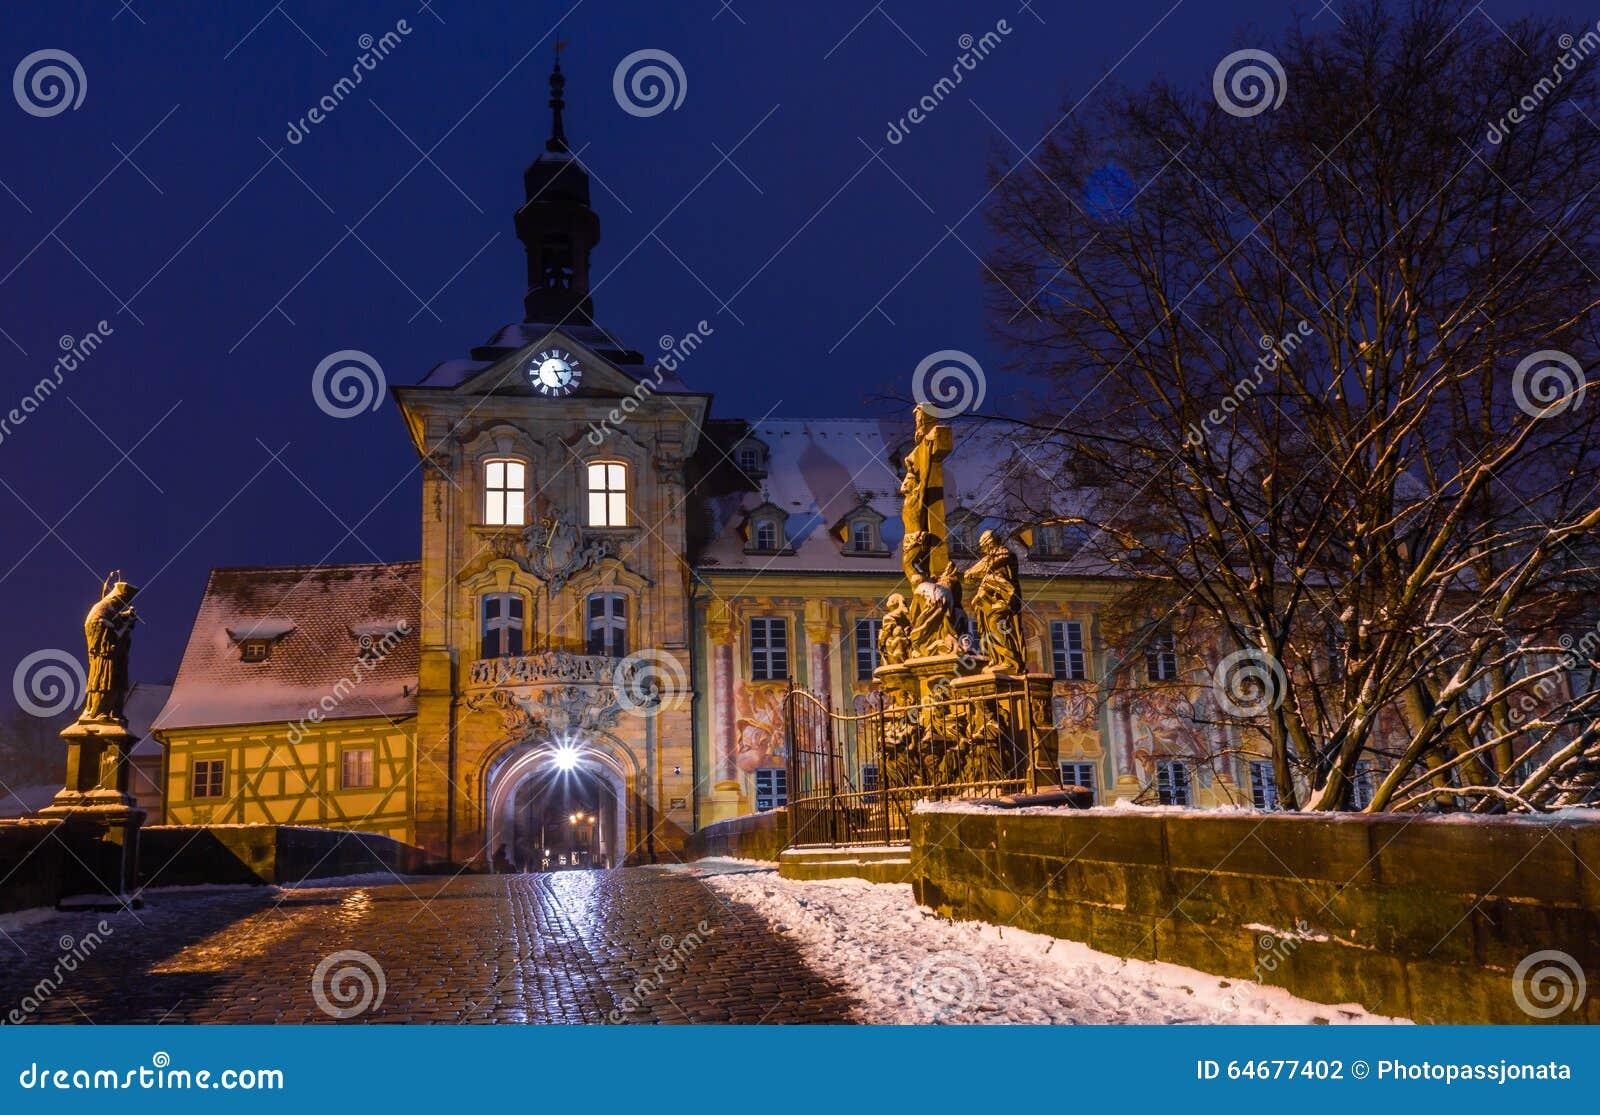 snowy cityscape at dusktown hall bamberggermany stock